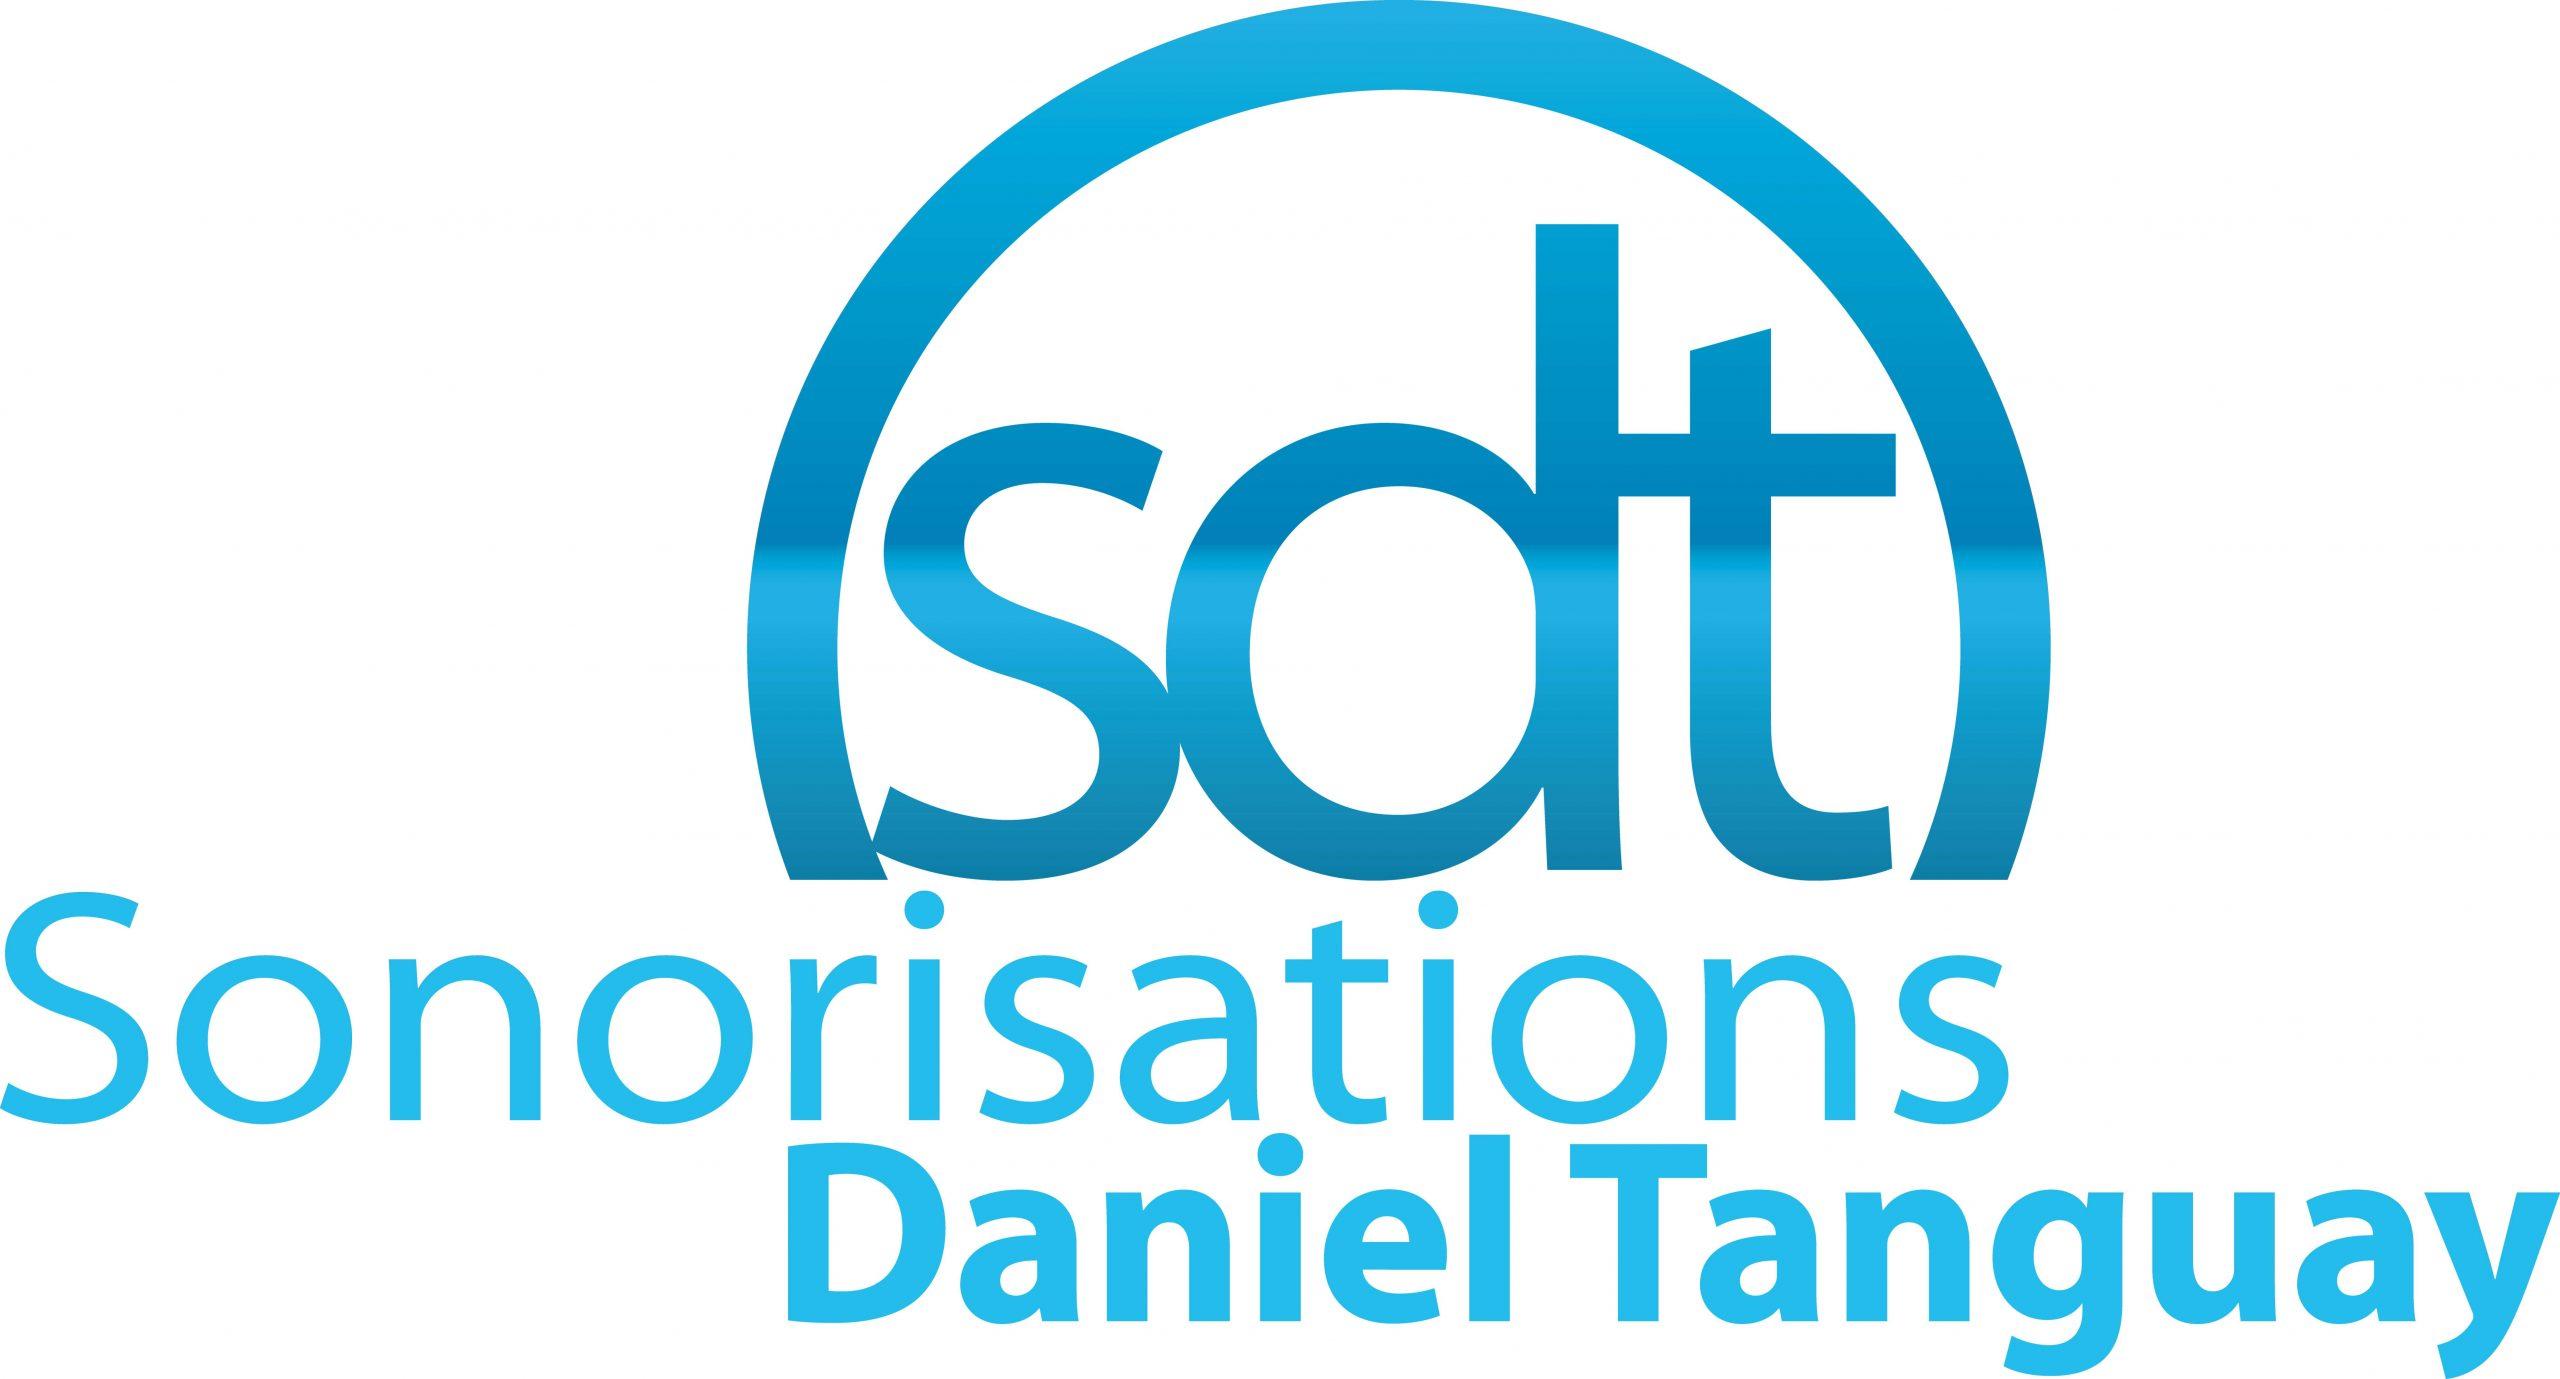 Sonorisation SDT